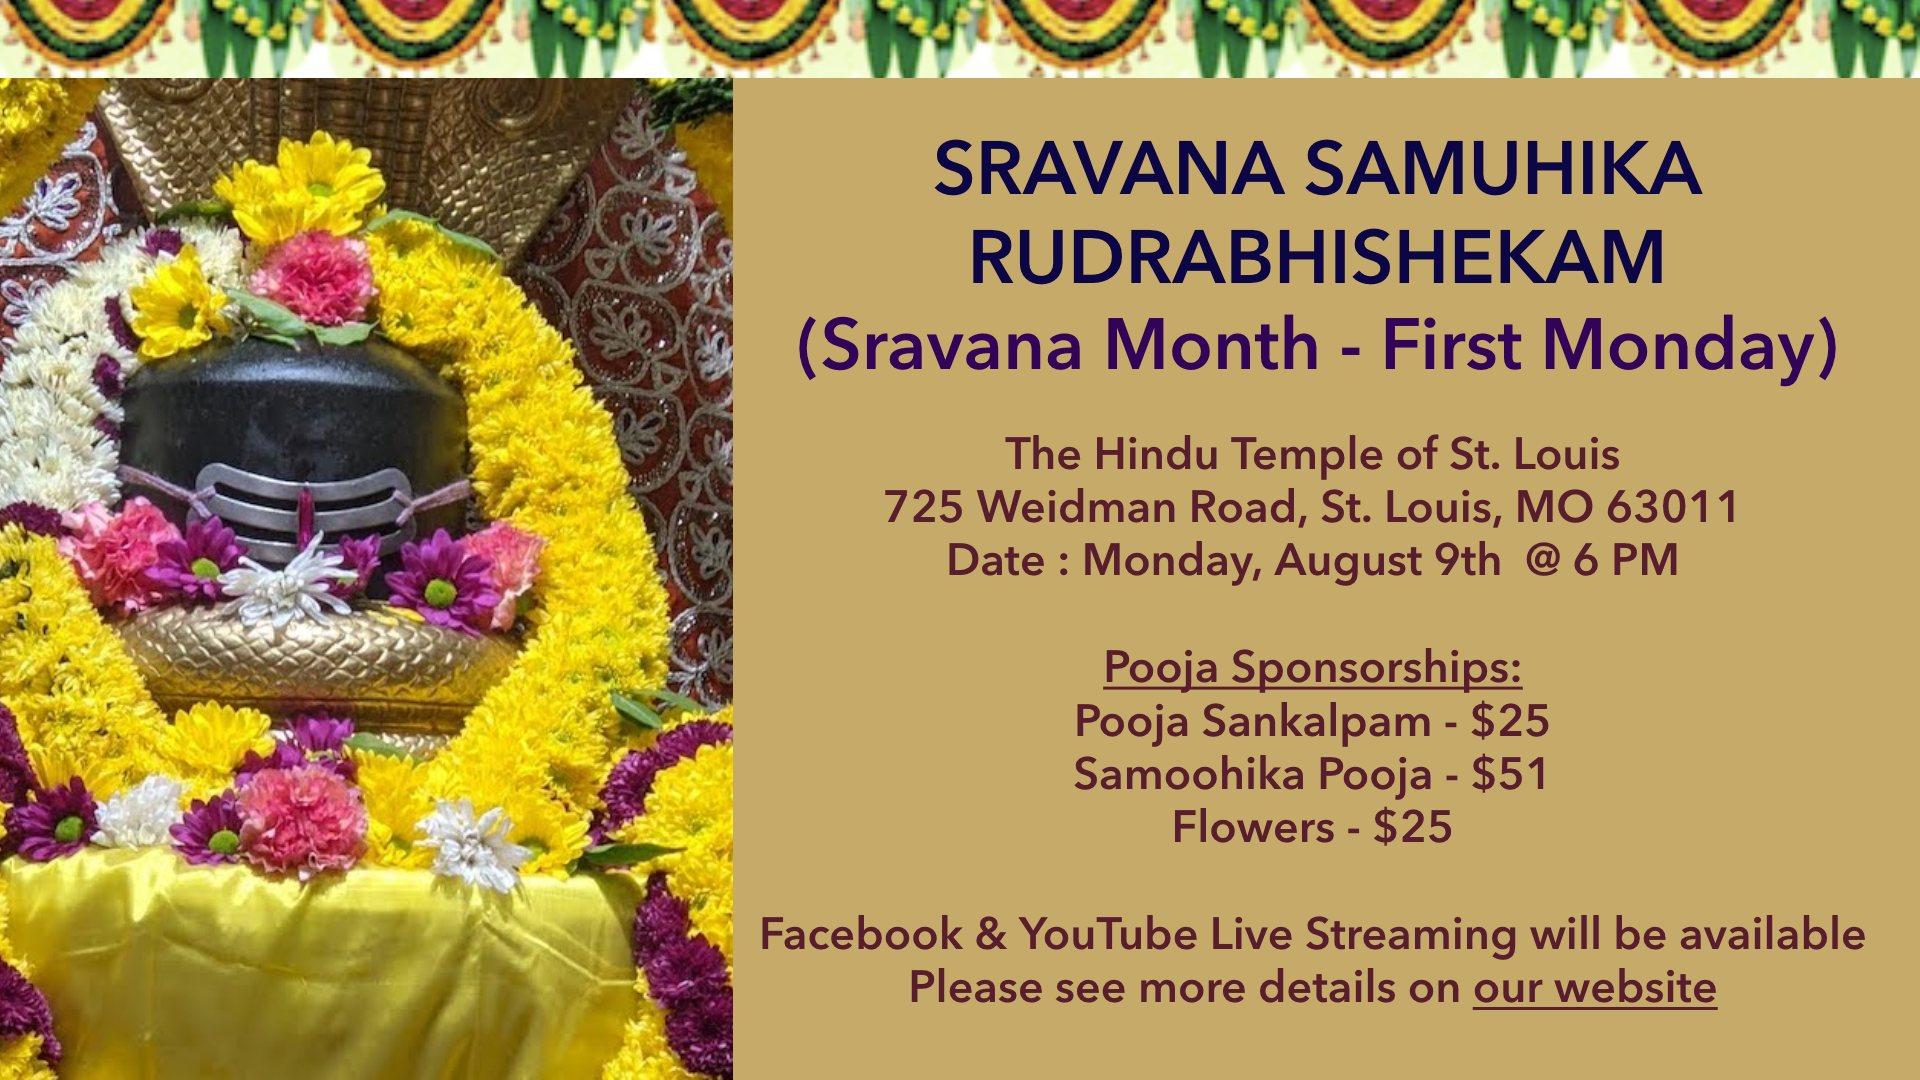 SRAVANA SAMUHIKA RUDRABHISHEKAM @08/09, 6 PM